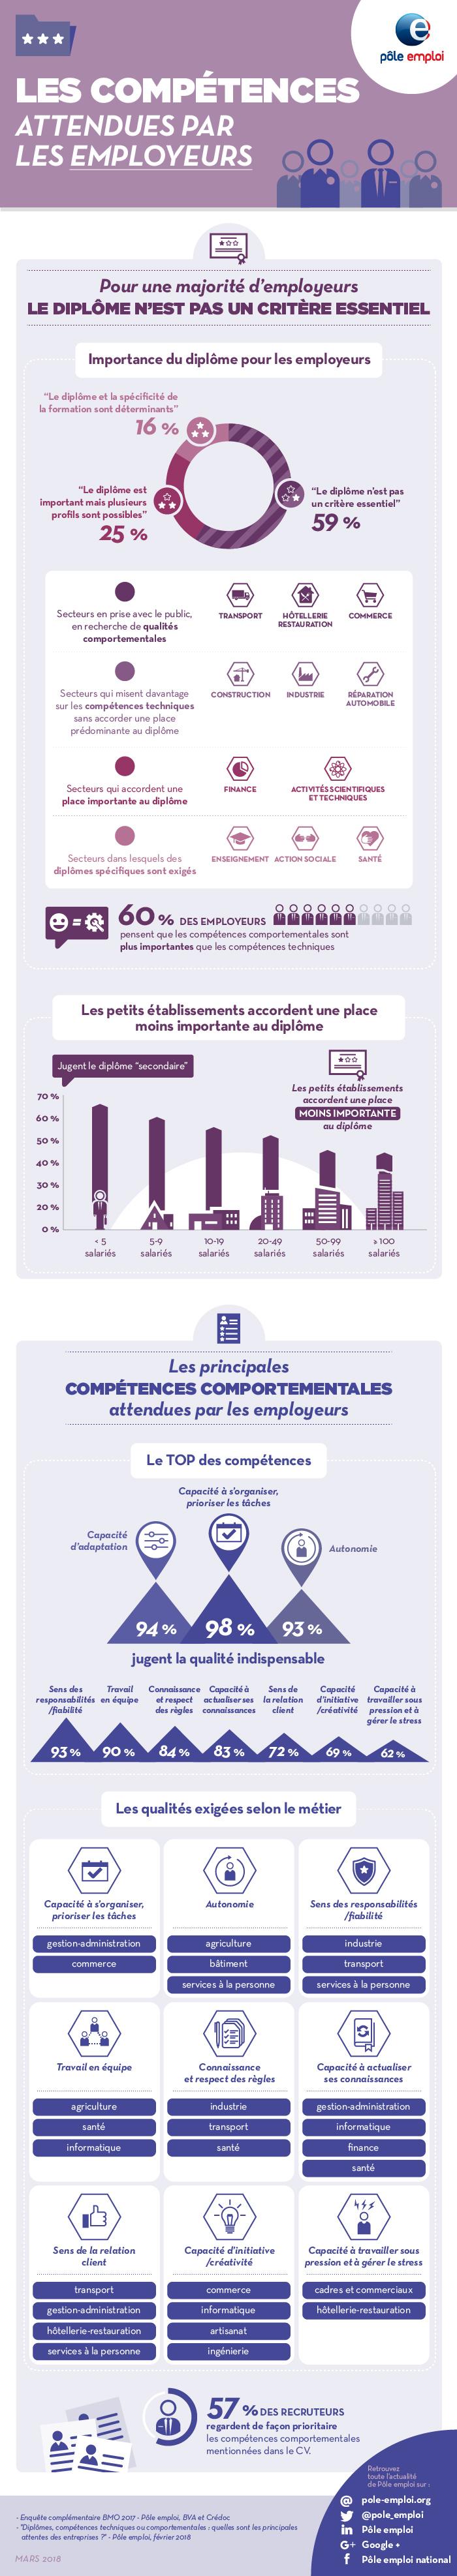 infographie-Les-compétences-attendues-par-les-employeurs